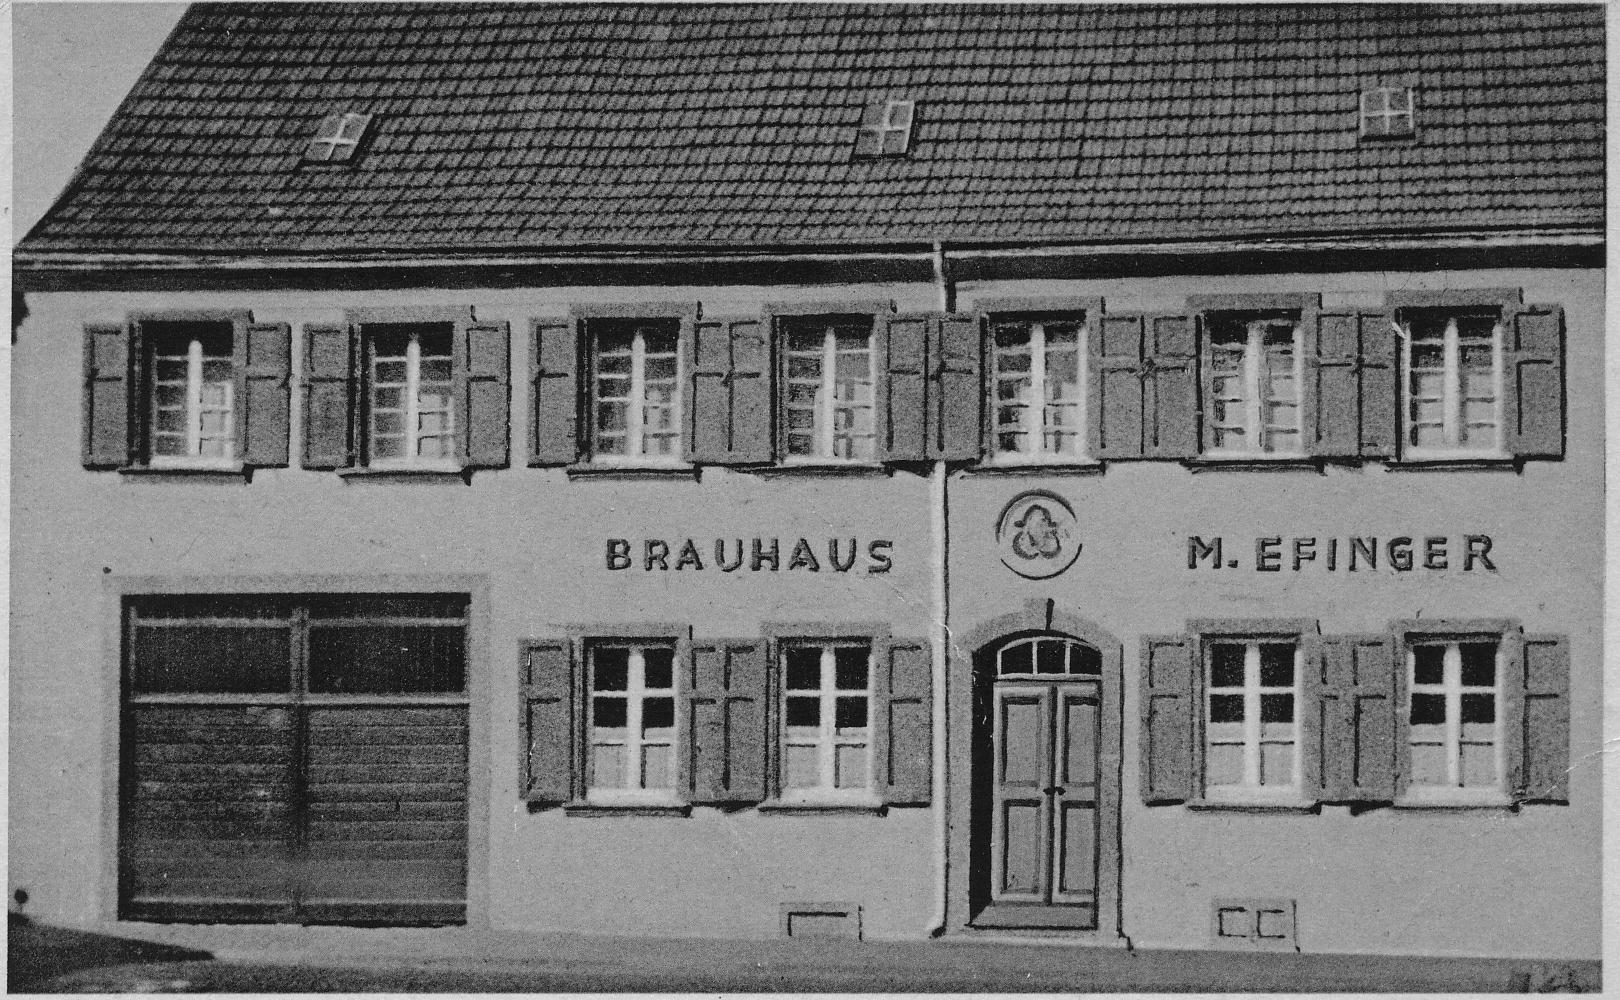 Brauhaus Efinger